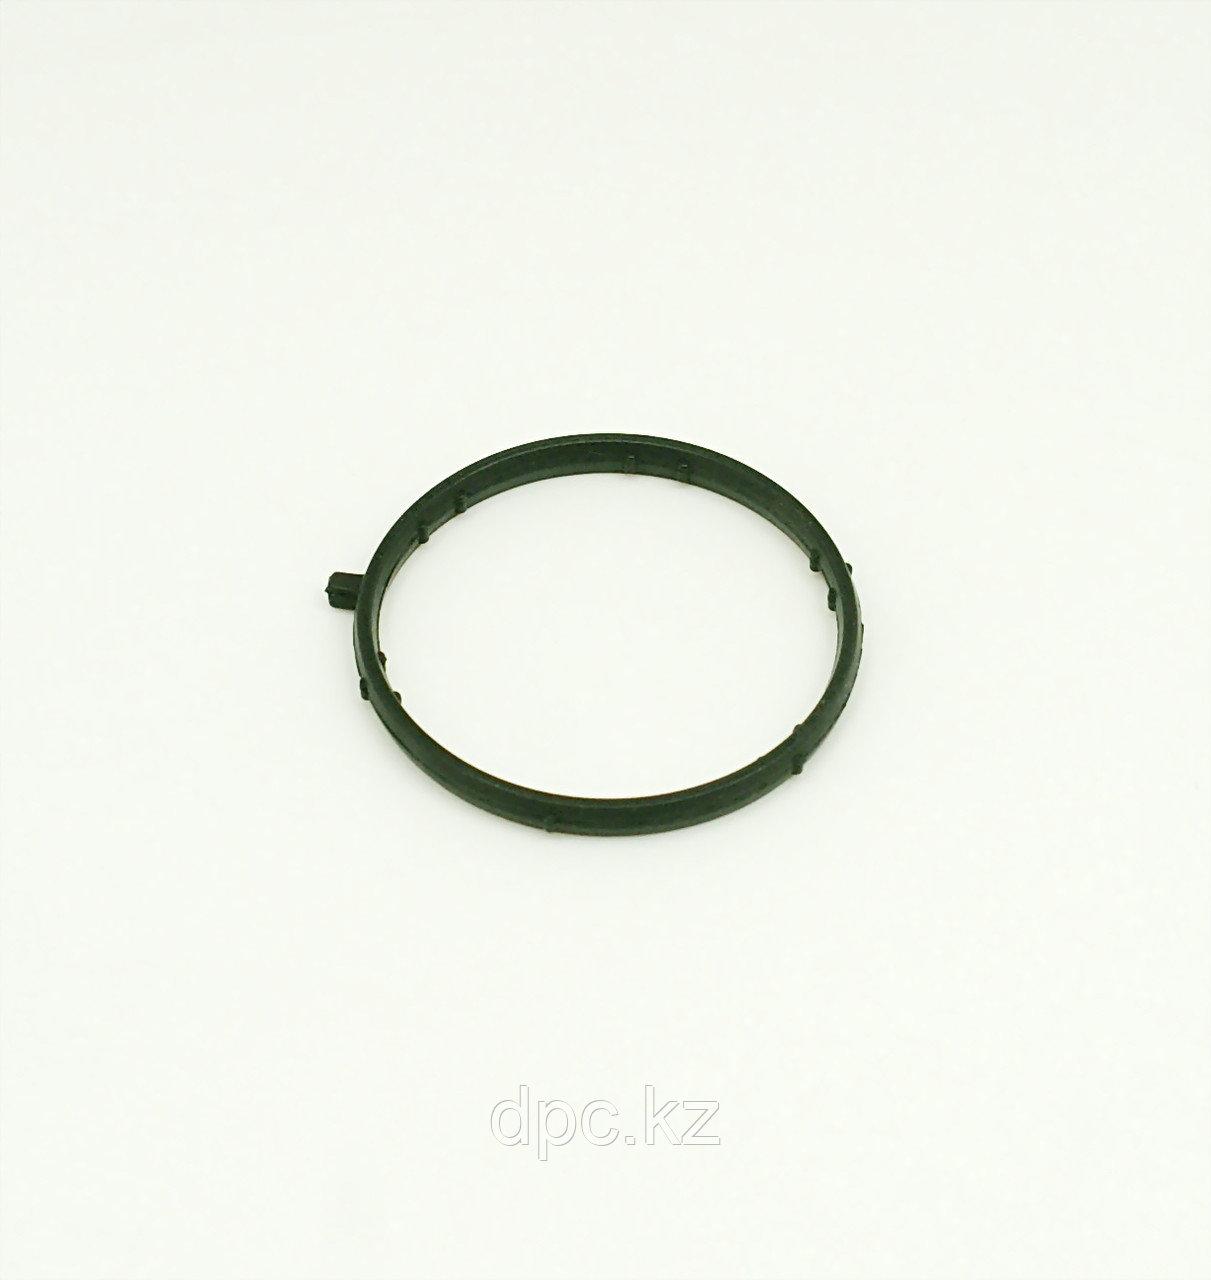 Кольцо уплотнительное корпуса термостата Cummins ISF 2.8 5266796